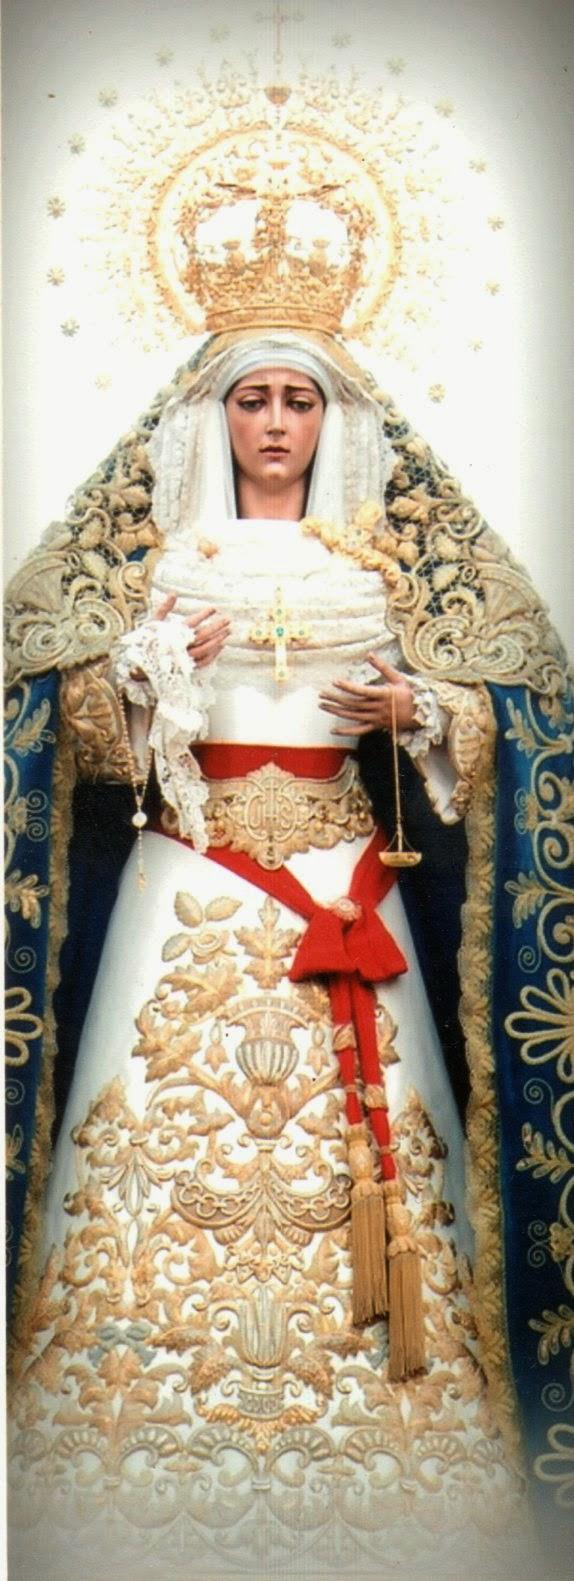 Estampas Hdad de la Sed - Sevilla